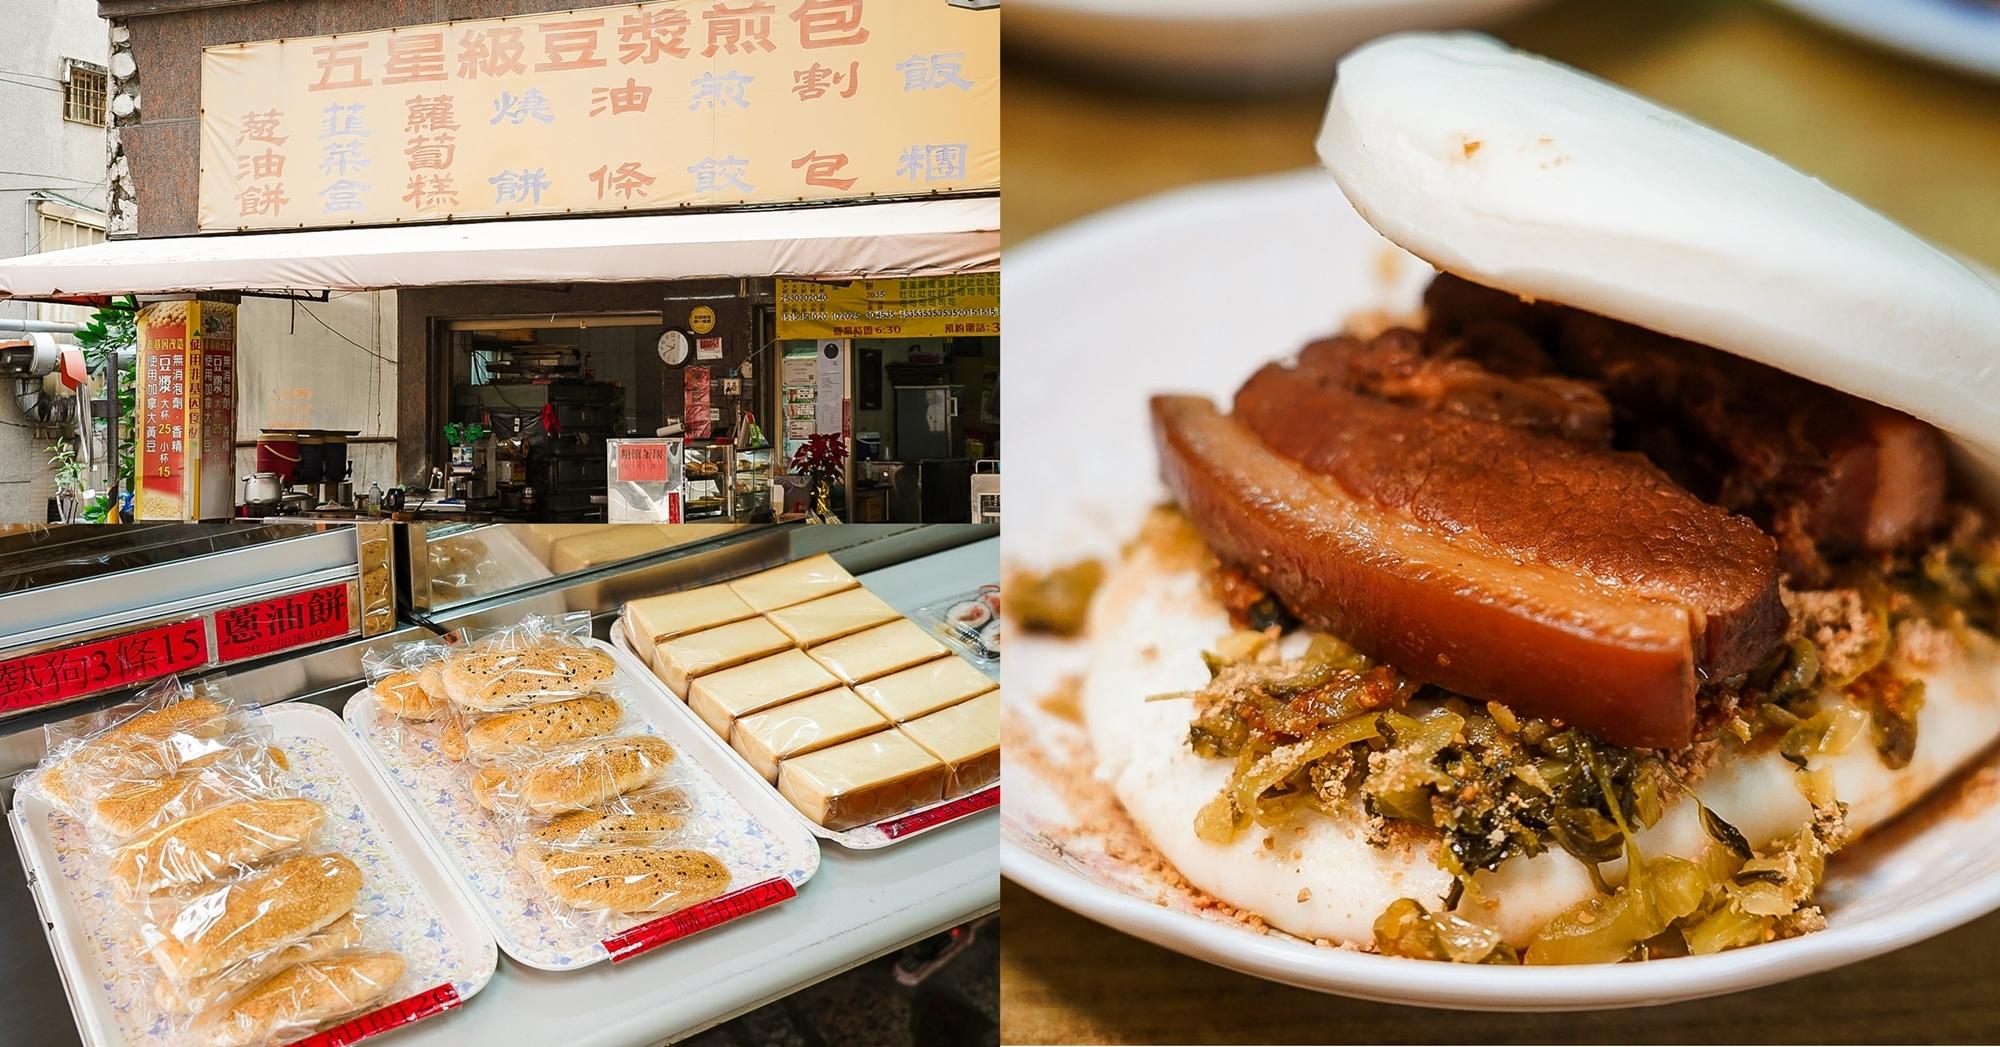 台南永康 五星級豆漿早餐店 在地20年傳統早餐店 店家自製割包 燒餅必吃.jpg